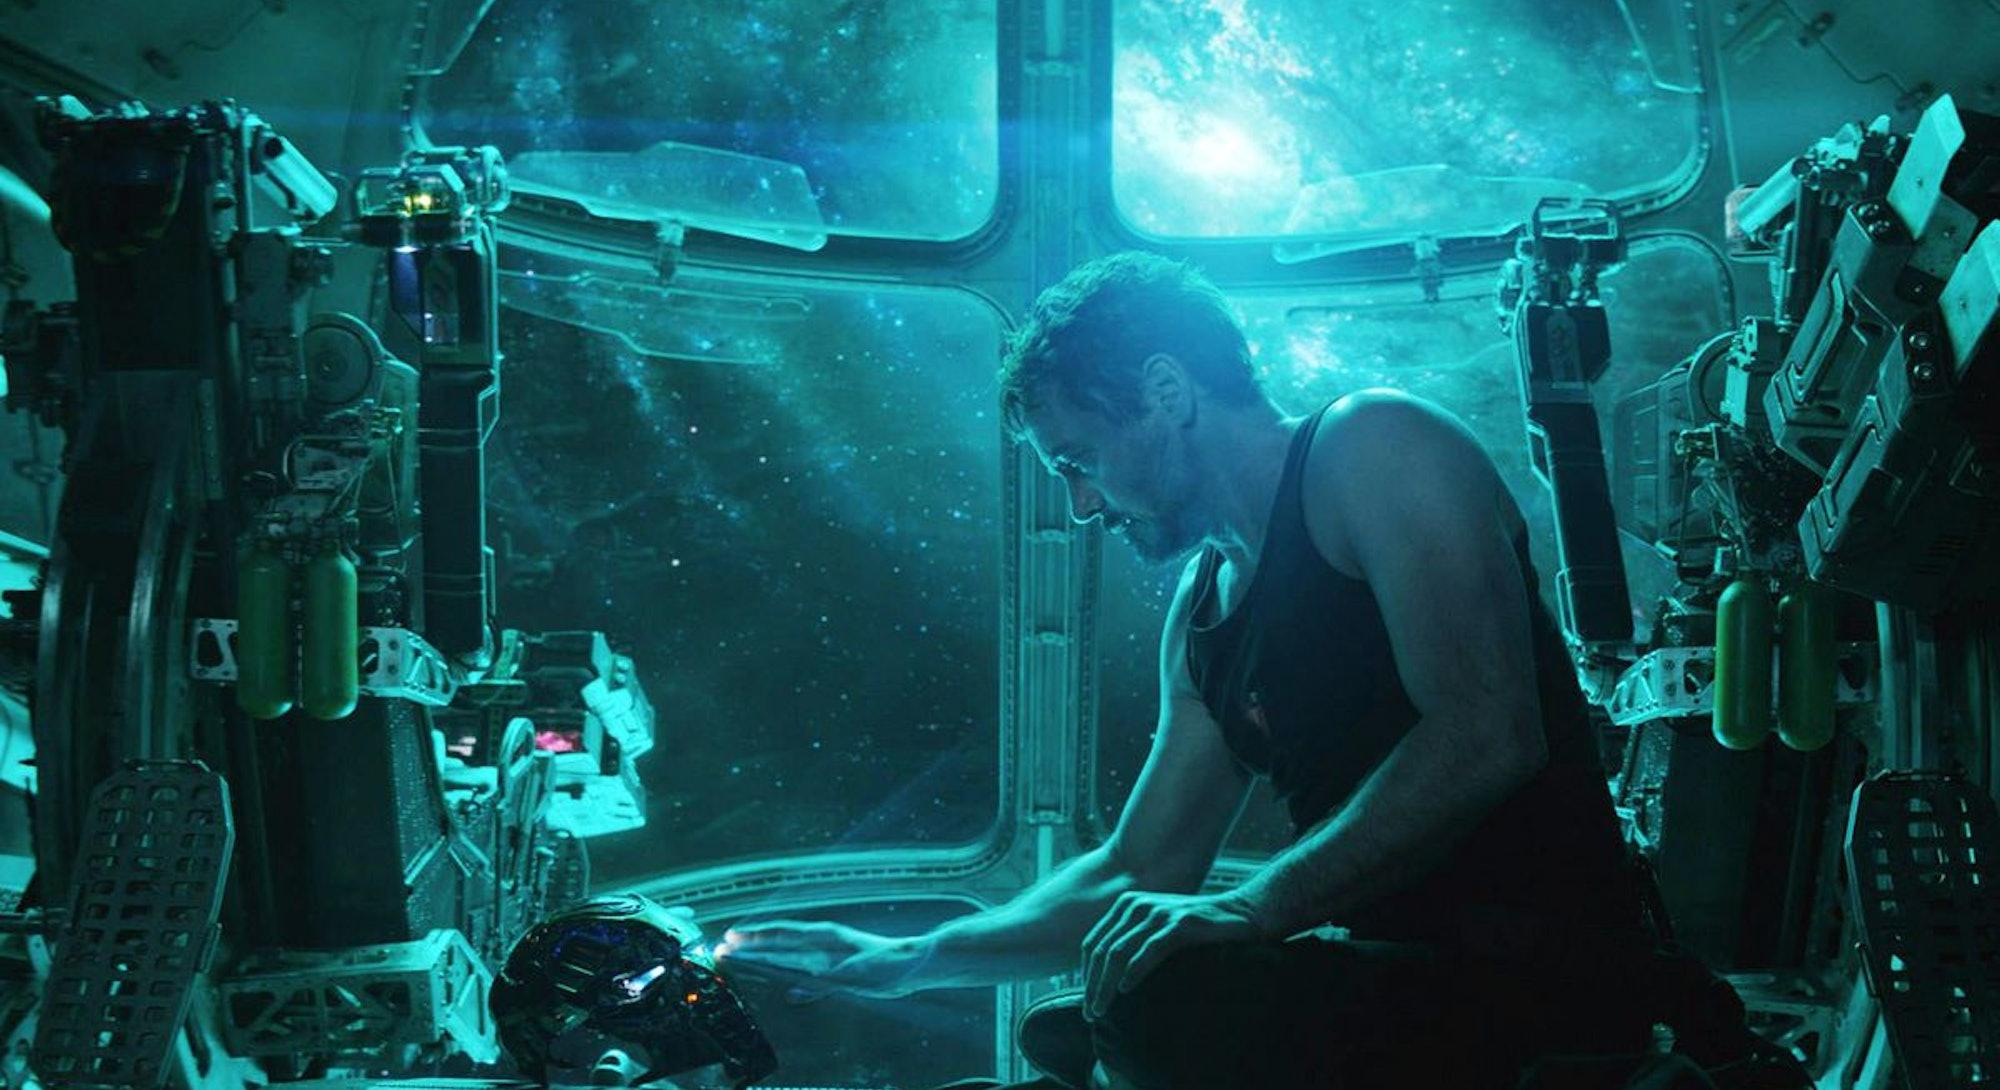 robert downey jr as iron man in spaceship